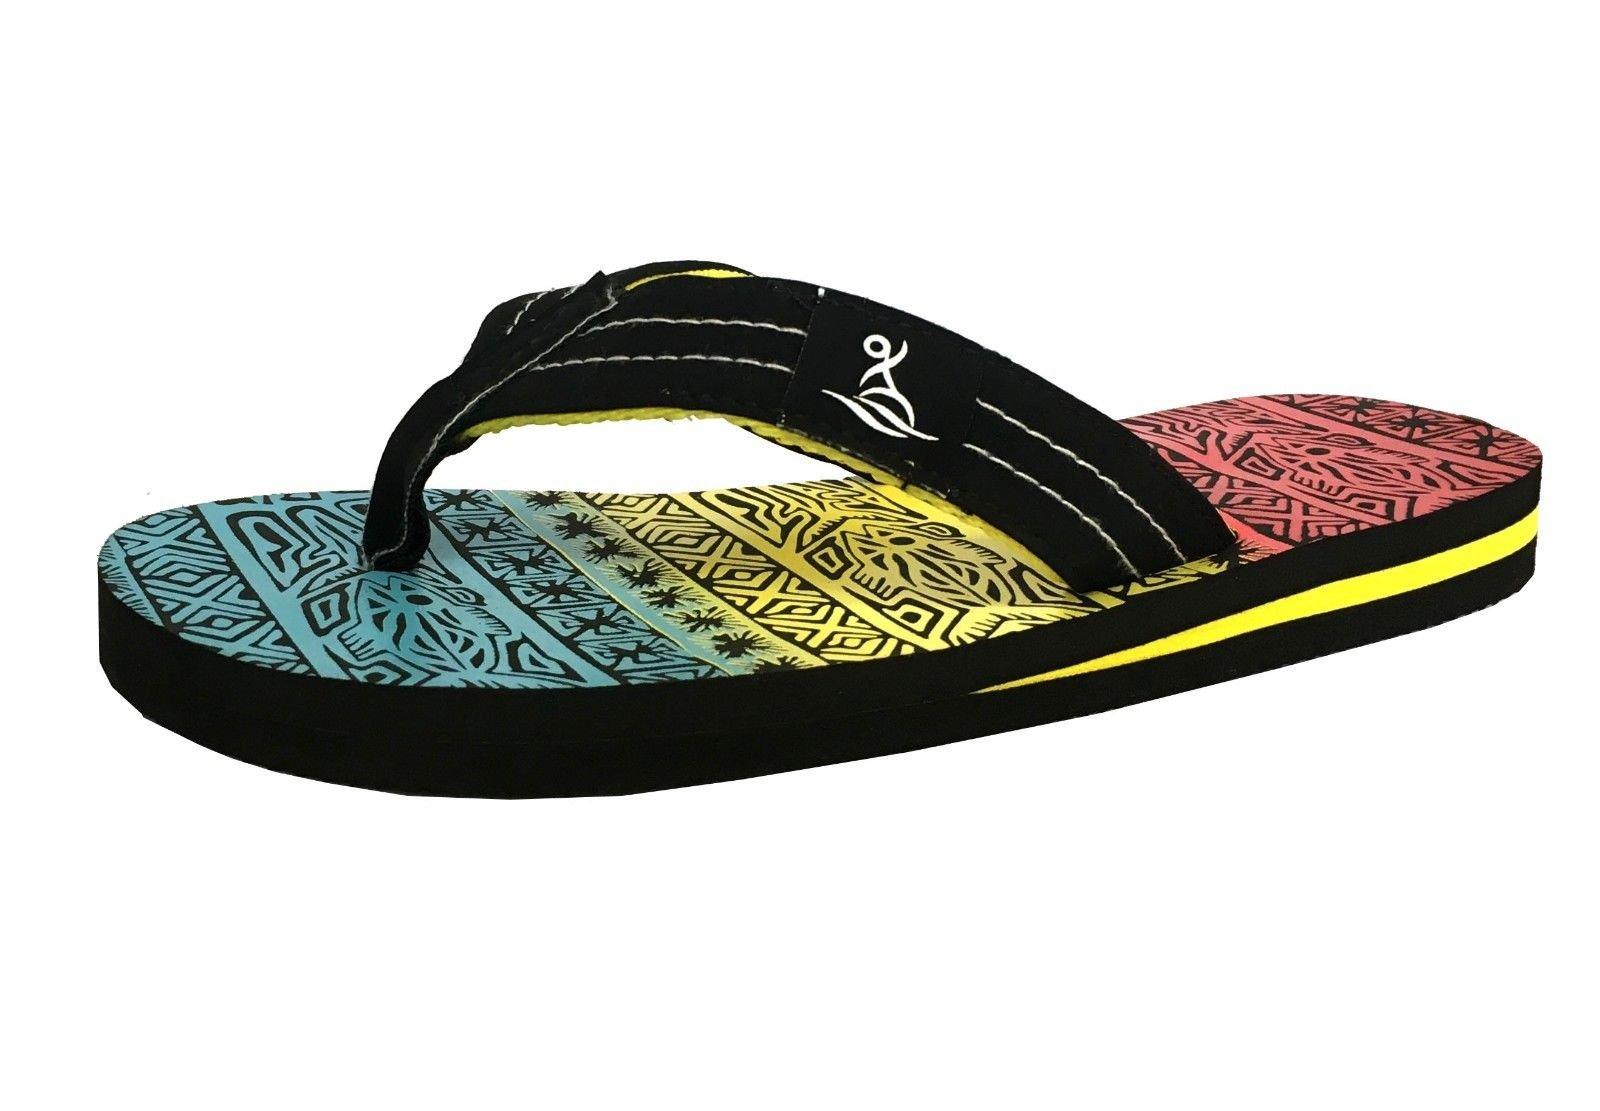 New Boys' Beach Sandal Tribal Tattoo | Geometric Bali Flip-Flop Sandals (1, 628K Black)